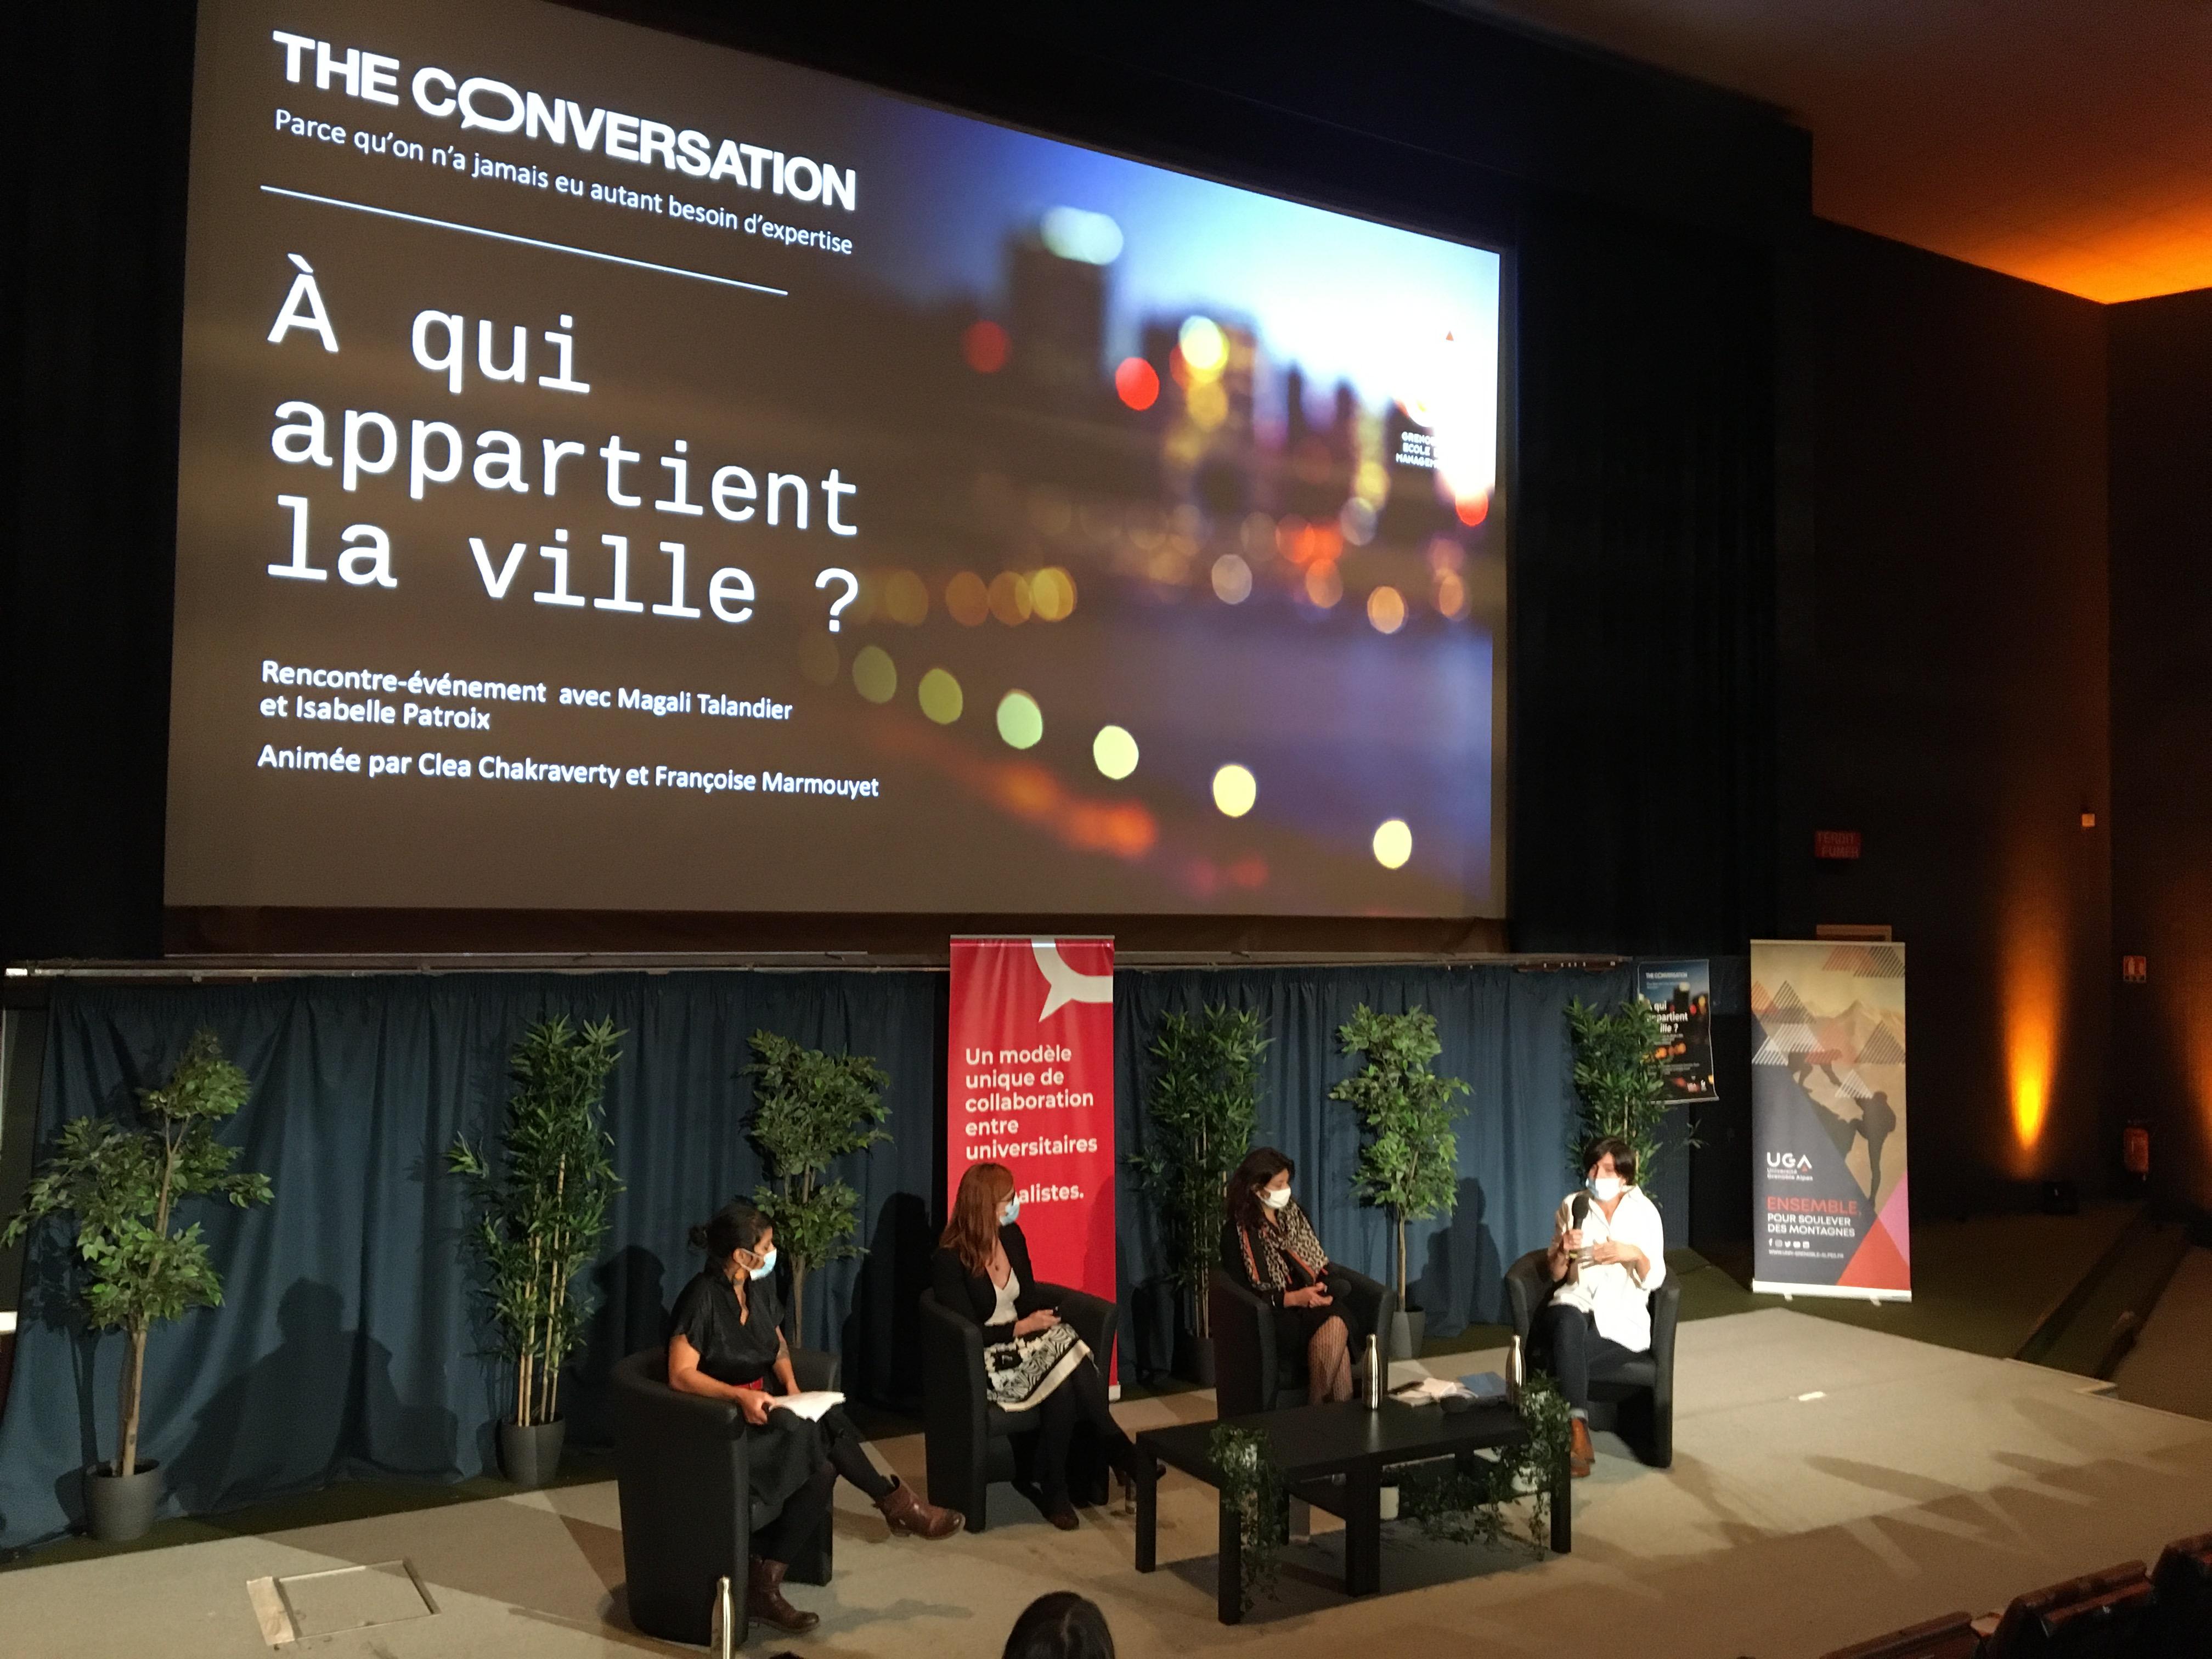 The COnversation fête ses 5 ans à Grenoble !